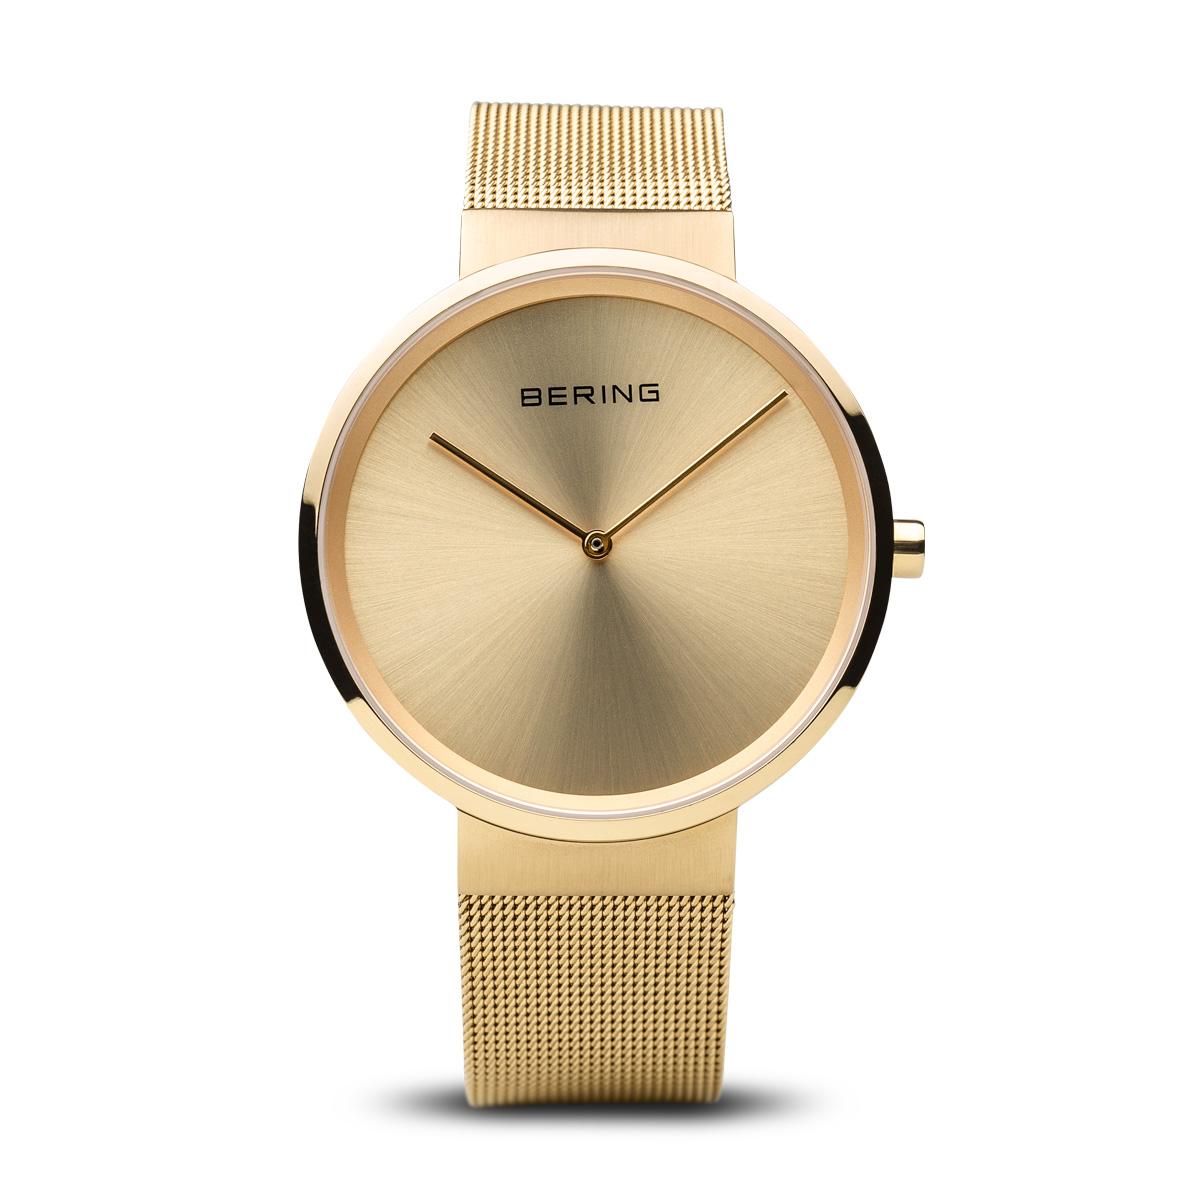 שעון ברינג דגם 14539-333 BERING